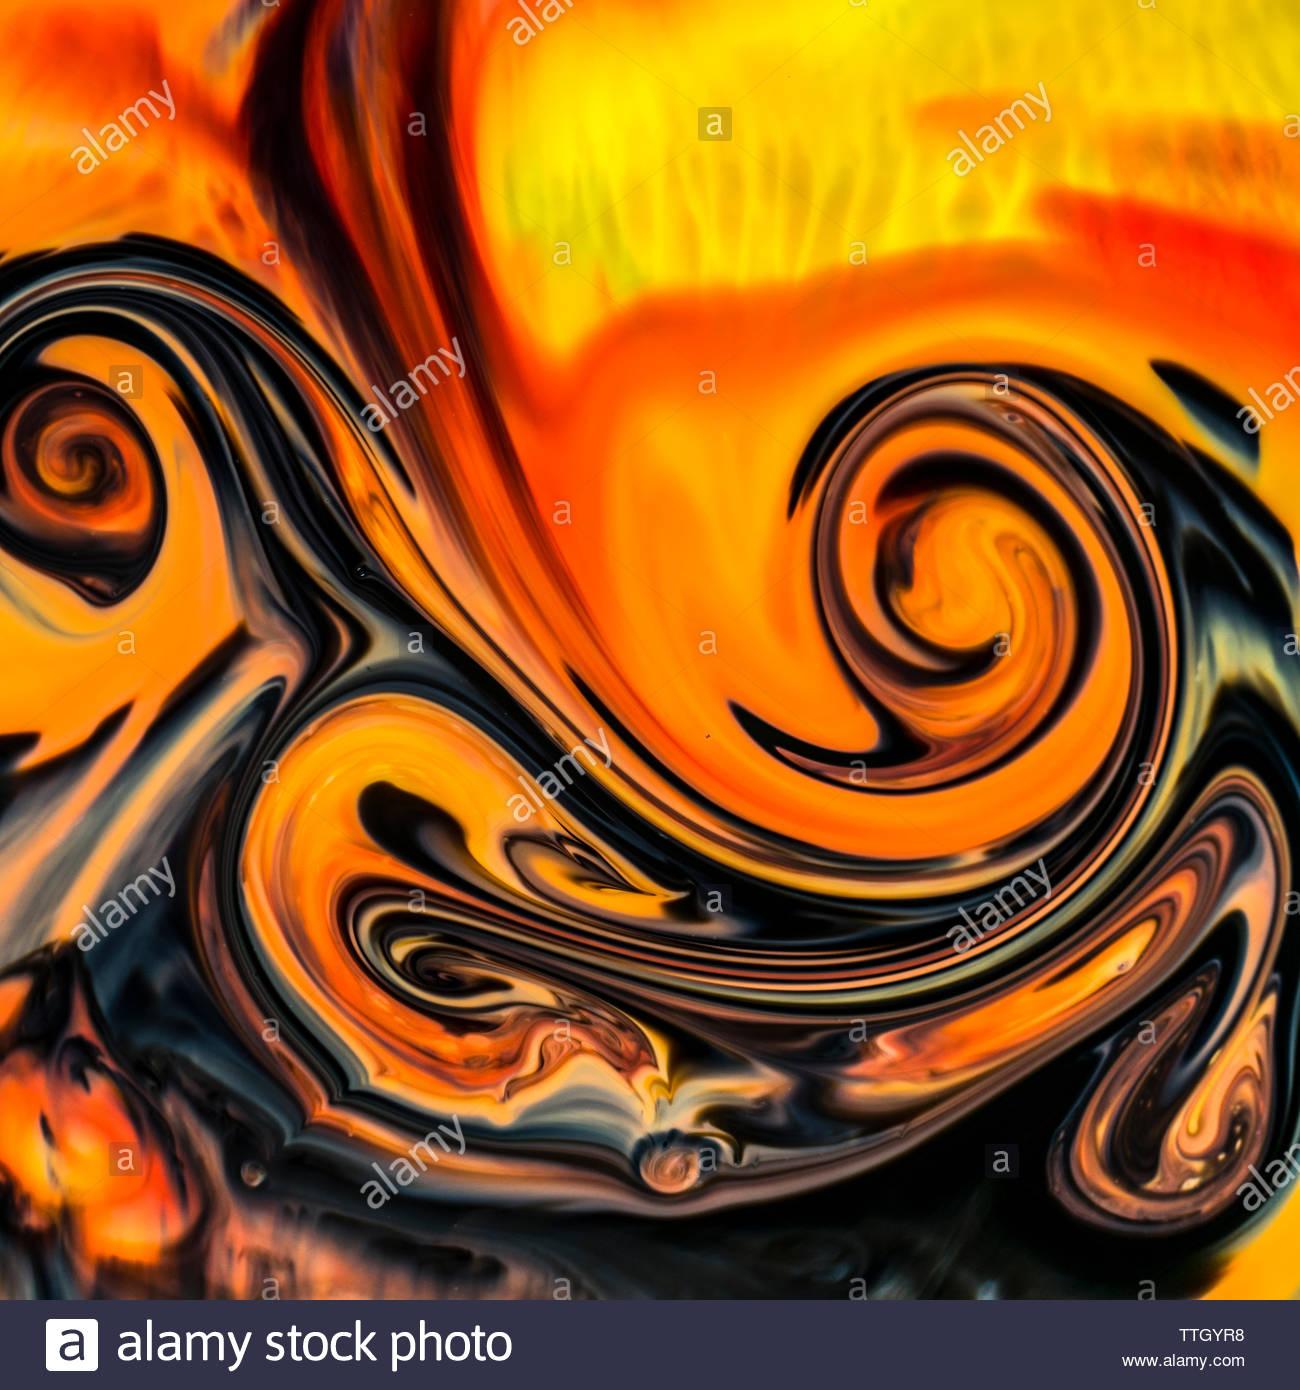 Macro di overhead shot di coloratissimi sfondi astratti di colori, latte e detersivo liquido per stoviglie Immagini Stock